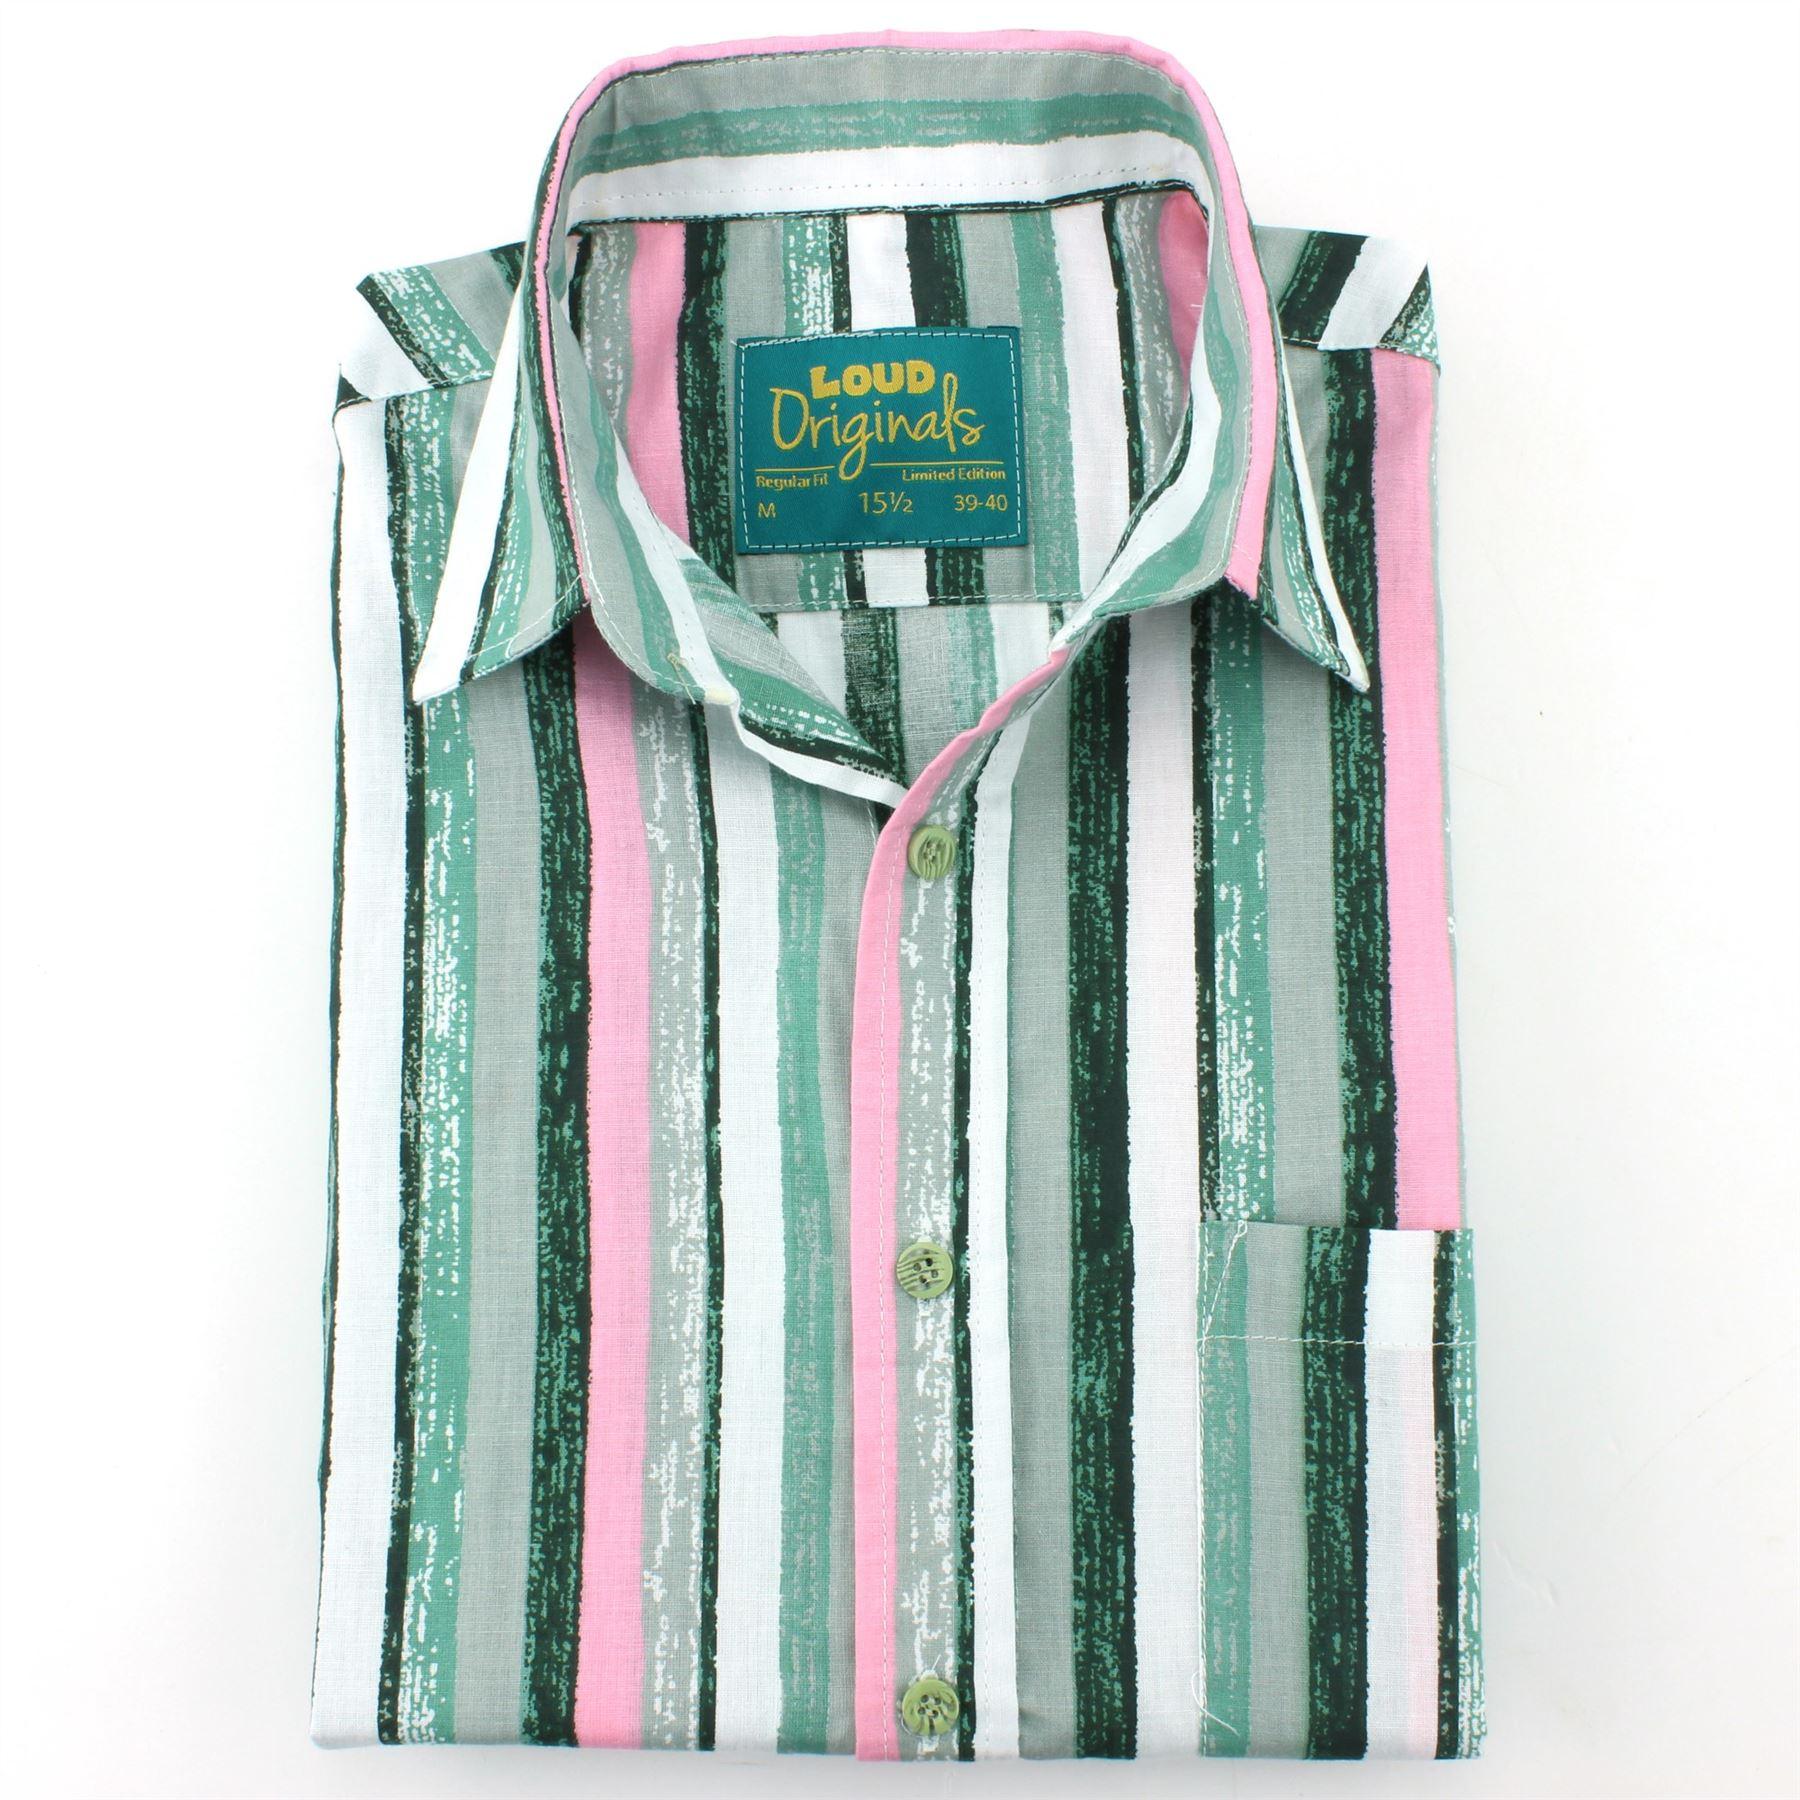 Herren Herren Herren Shirt Loud Originals Regular Fit Bayadere Retro Psychedelic Kostüm   Verrückte Preis  0d56ef